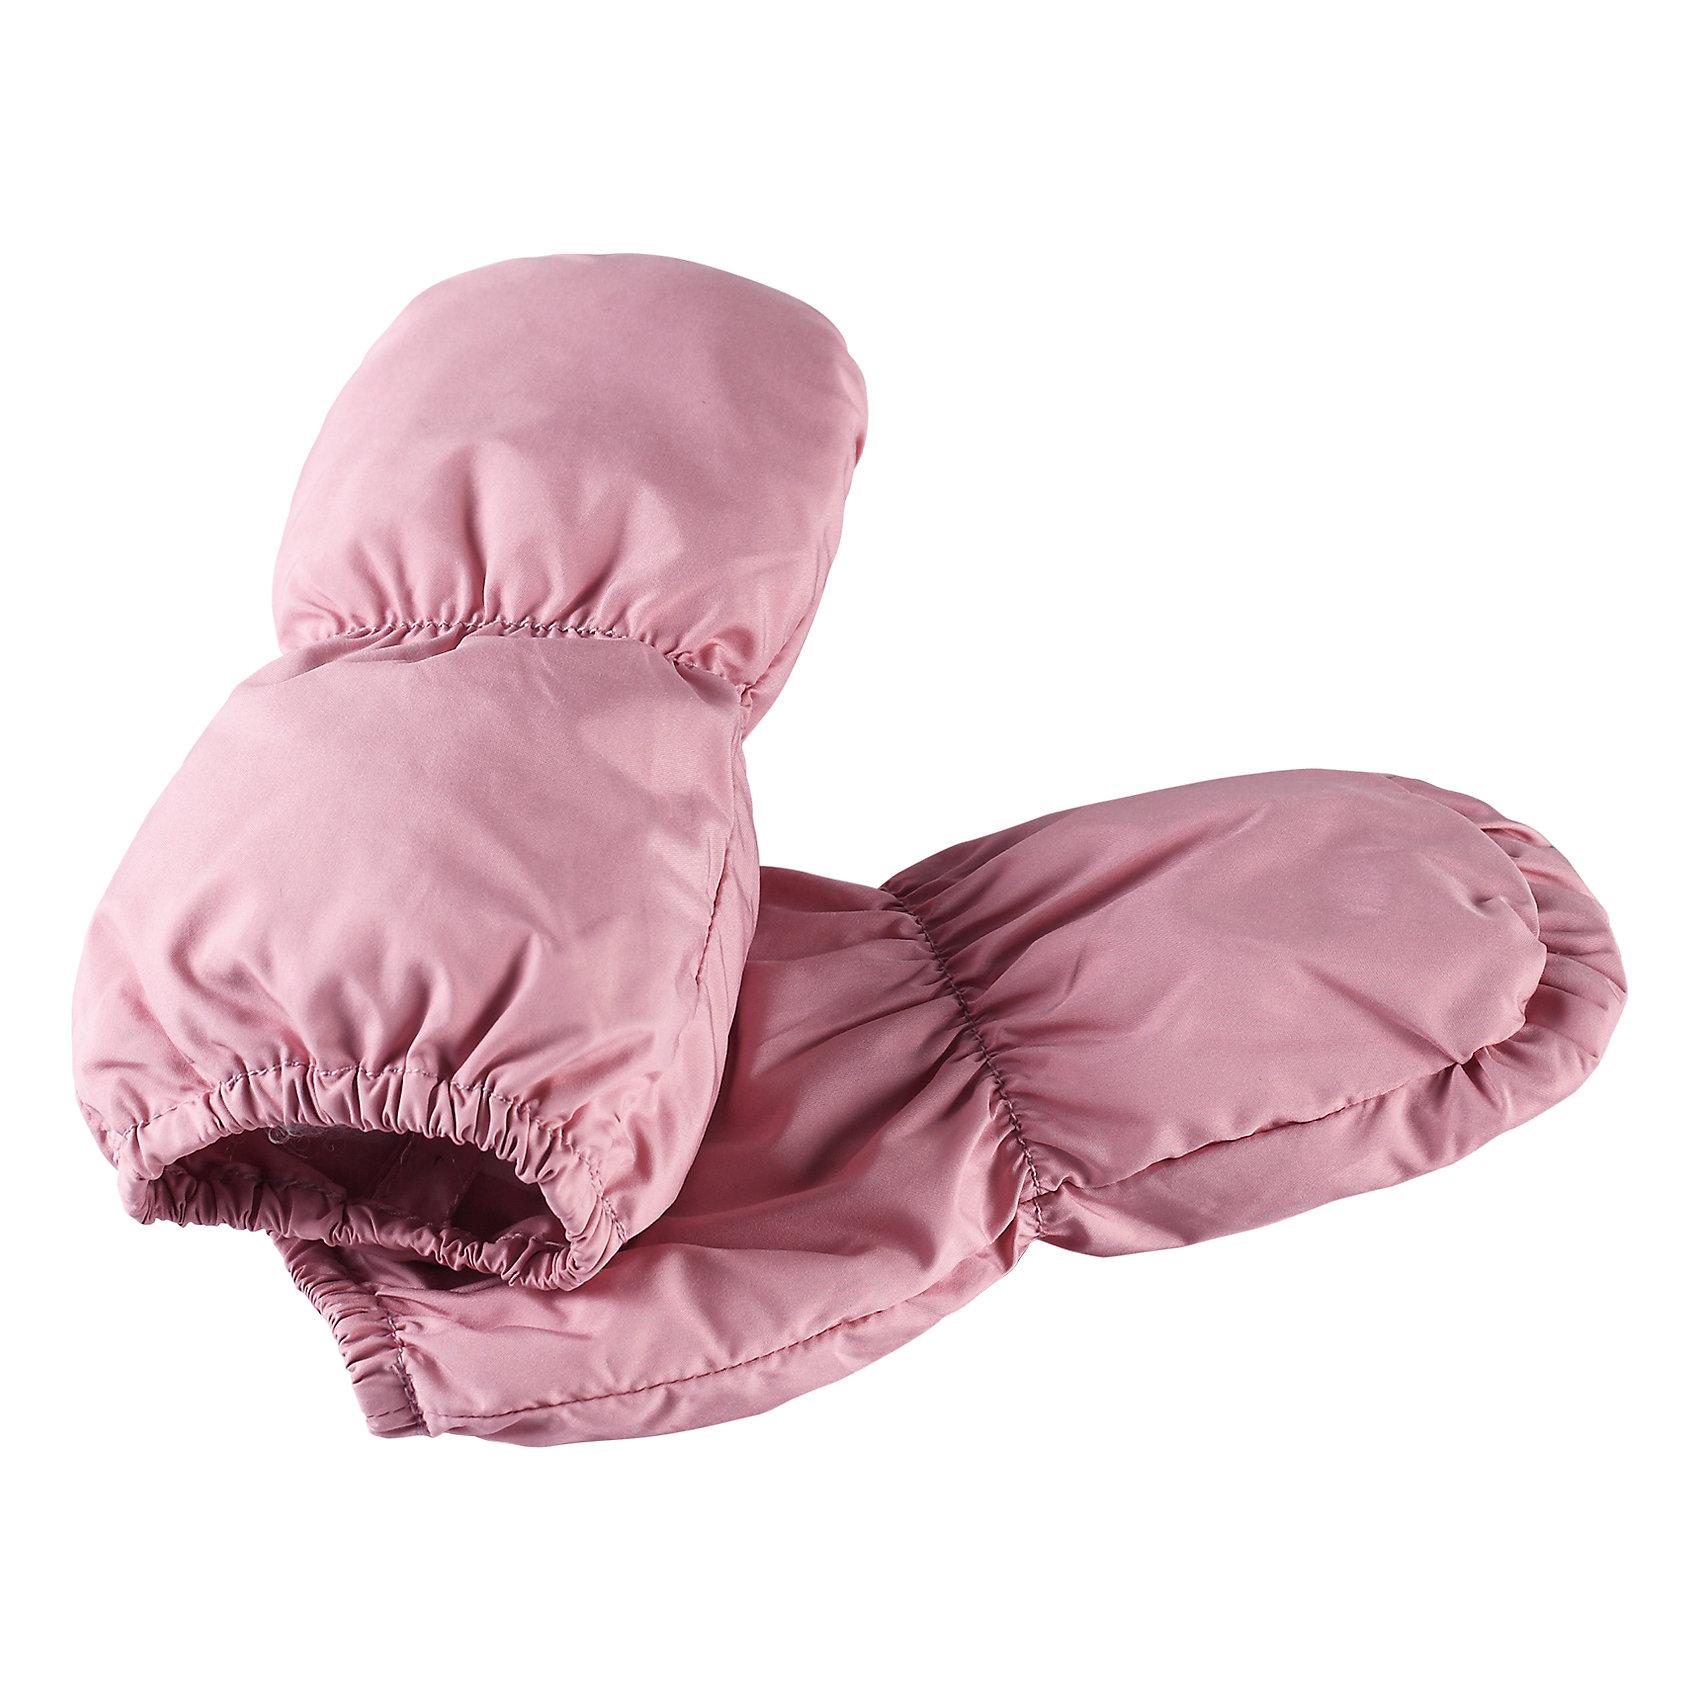 Варежки Reima TaputusПерчатки, варежки<br>Характеристики товара:<br><br>• цвет: розовый;<br>• состав: 100% полиэстер;<br>• утеплитель: 60 г/м2 (Comfort insulation)<br>• сезон: демисезон; <br>• особенности модели: на подкладке;<br>• водоотталкивающий, ветронепроницаемый и грязеотталкивающий материал;<br>• сплошная подкладка: гладкий хлопковый трикотаж;<br>• легкая степень утепления;<br>• логотип Reima сбоку;<br>• страна бренда: Финляндия;<br>• страна изготовитель: Китай.<br><br>Варежки для новорожденных превосходно подойдут для прогулок в коляске в холодный день. Они снабжены легким утеплителем и мягкой трикотажной подкладкой внутри. Варежки сшиты из ветронепроницаемого и водоотталкивающего, но при этом дышащего материала.<br><br>Варежки Taputus Reima от финского бренда Reima (Рейма) можно купить в нашем интернет-магазине.<br><br>Ширина мм: 162<br>Глубина мм: 171<br>Высота мм: 55<br>Вес г: 119<br>Цвет: розовый<br>Возраст от месяцев: 6<br>Возраст до месяцев: 18<br>Пол: Унисекс<br>Возраст: Детский<br>Размер: 1,0<br>SKU: 6908650